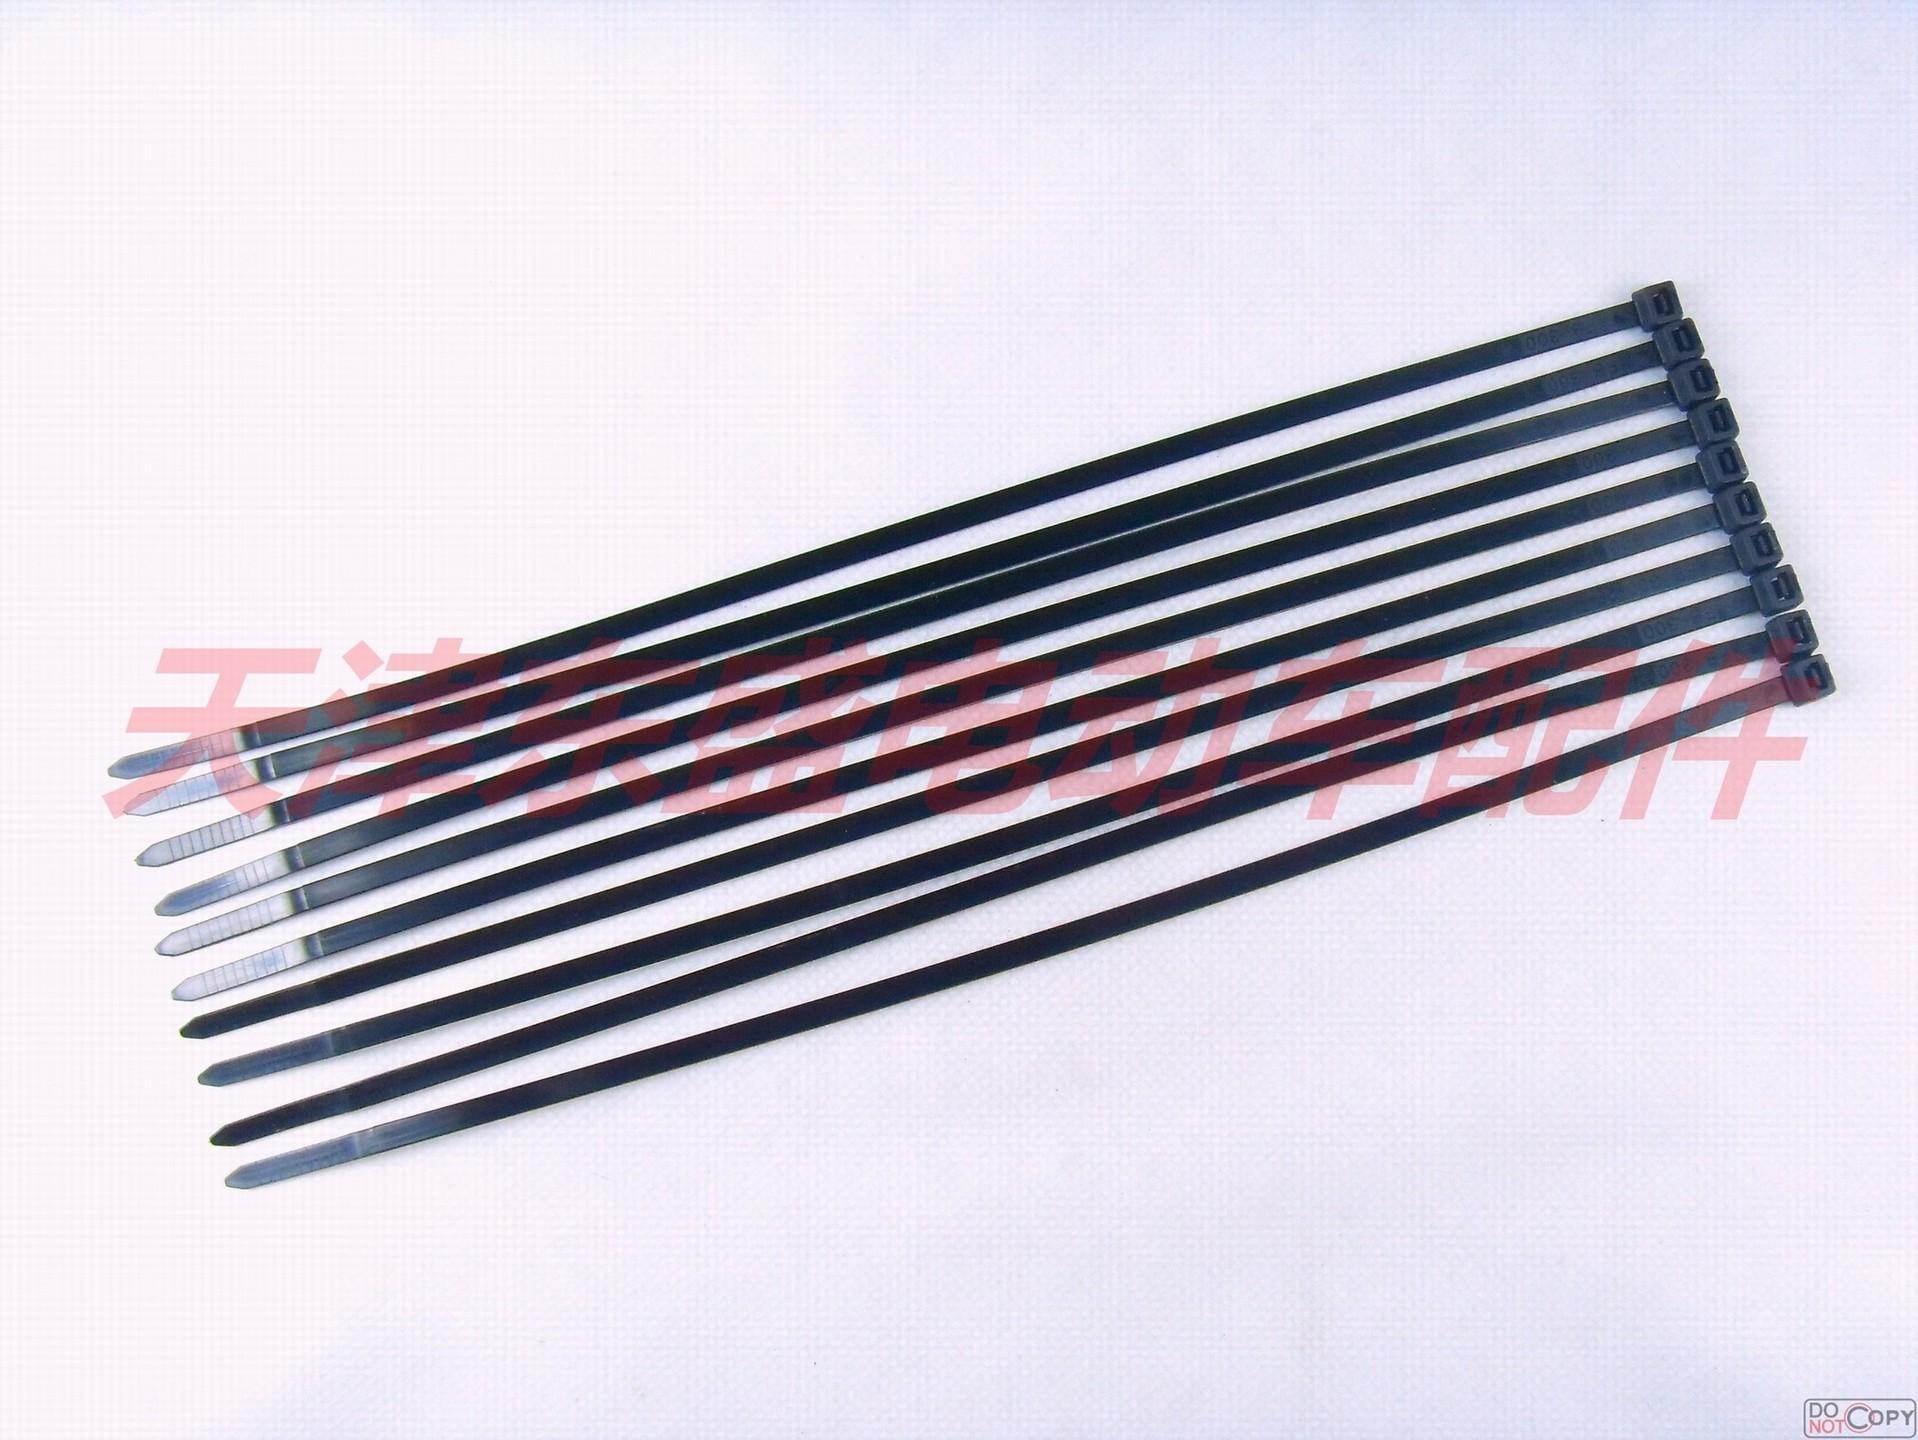 Электрические аксессуары для автомобилей 3,8 × 300 мм черный Нейлоновая кабельная стяжка 10